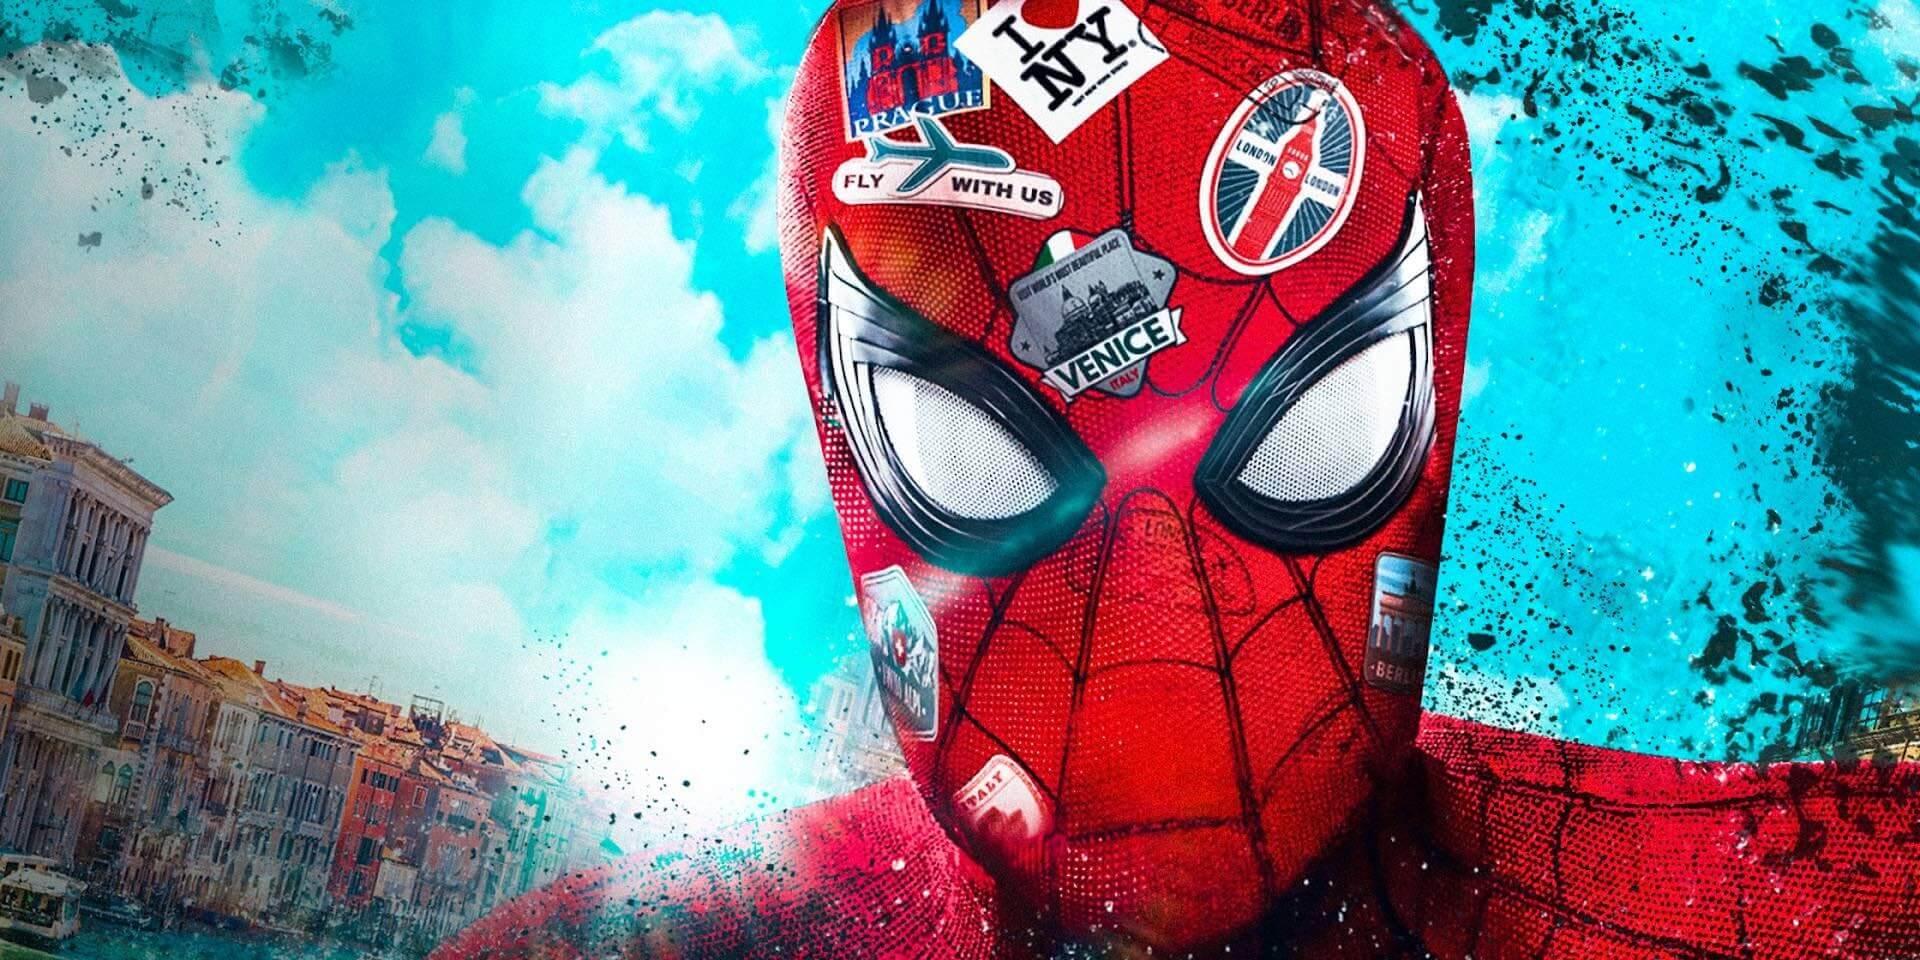 باکس آفیس آخر هفته: Spider-Man: Far From Home با فروش استثنائی در آمریکا اکران میشود